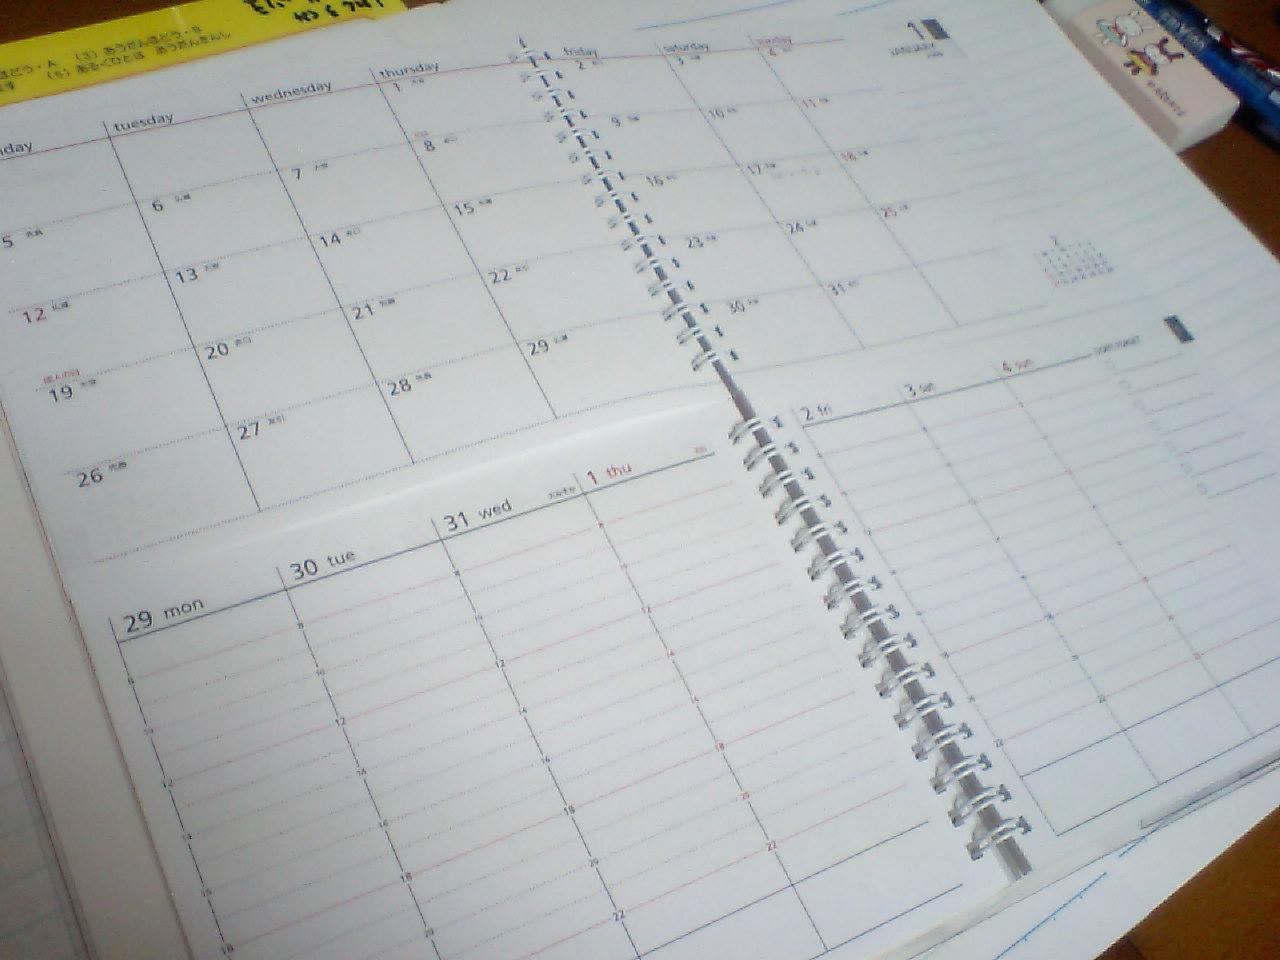 schedule09.jpg